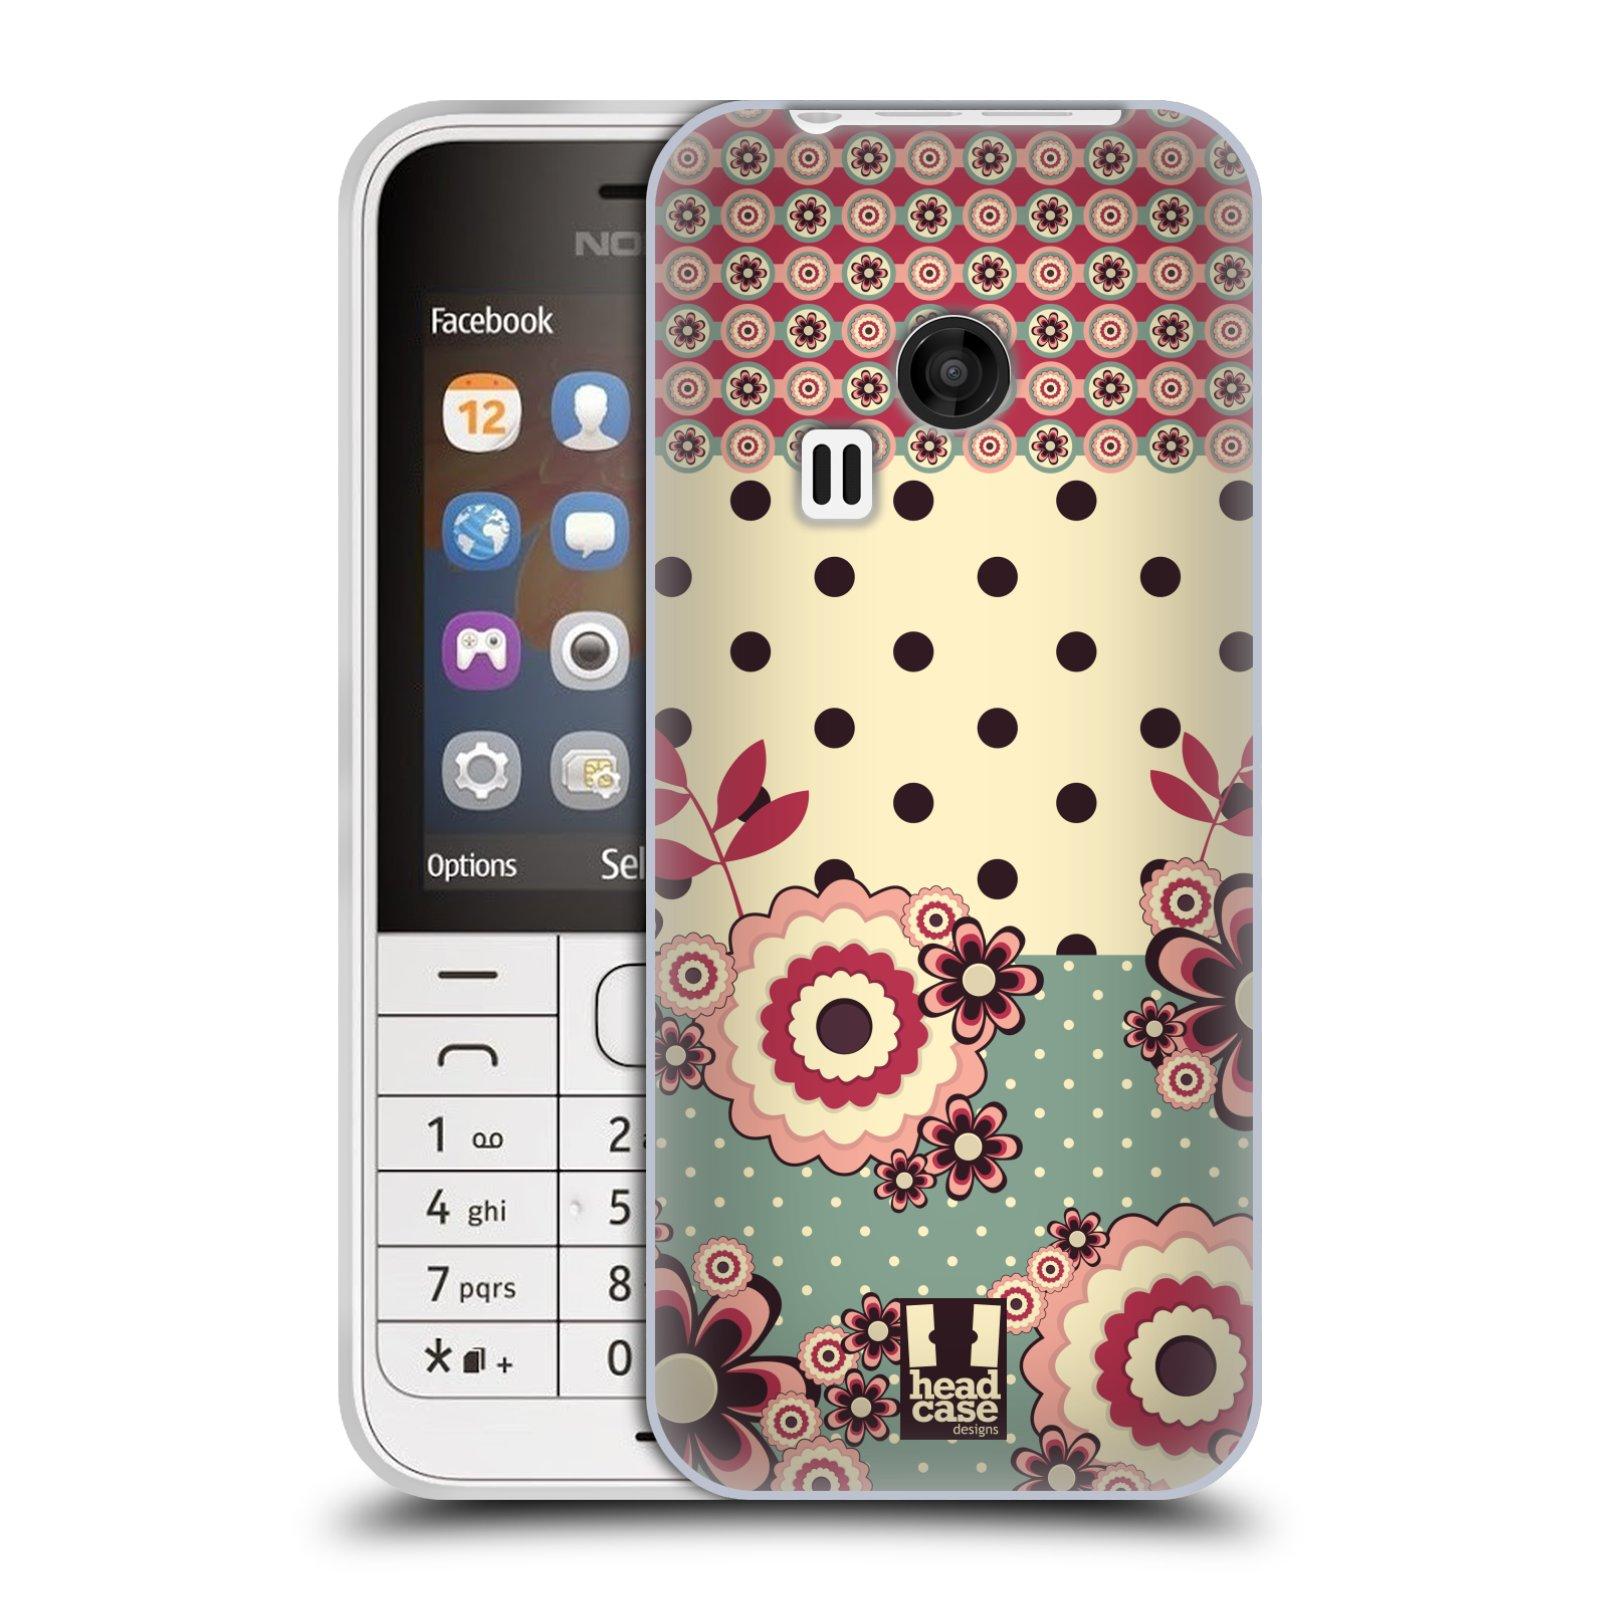 Silikonové pouzdro na mobil Nokia 220 HEAD CASE KVÍTKA PINK CREAM (Silikonový kryt či obal na mobilní telefon Nokia 220 a 220 Dual SIM)